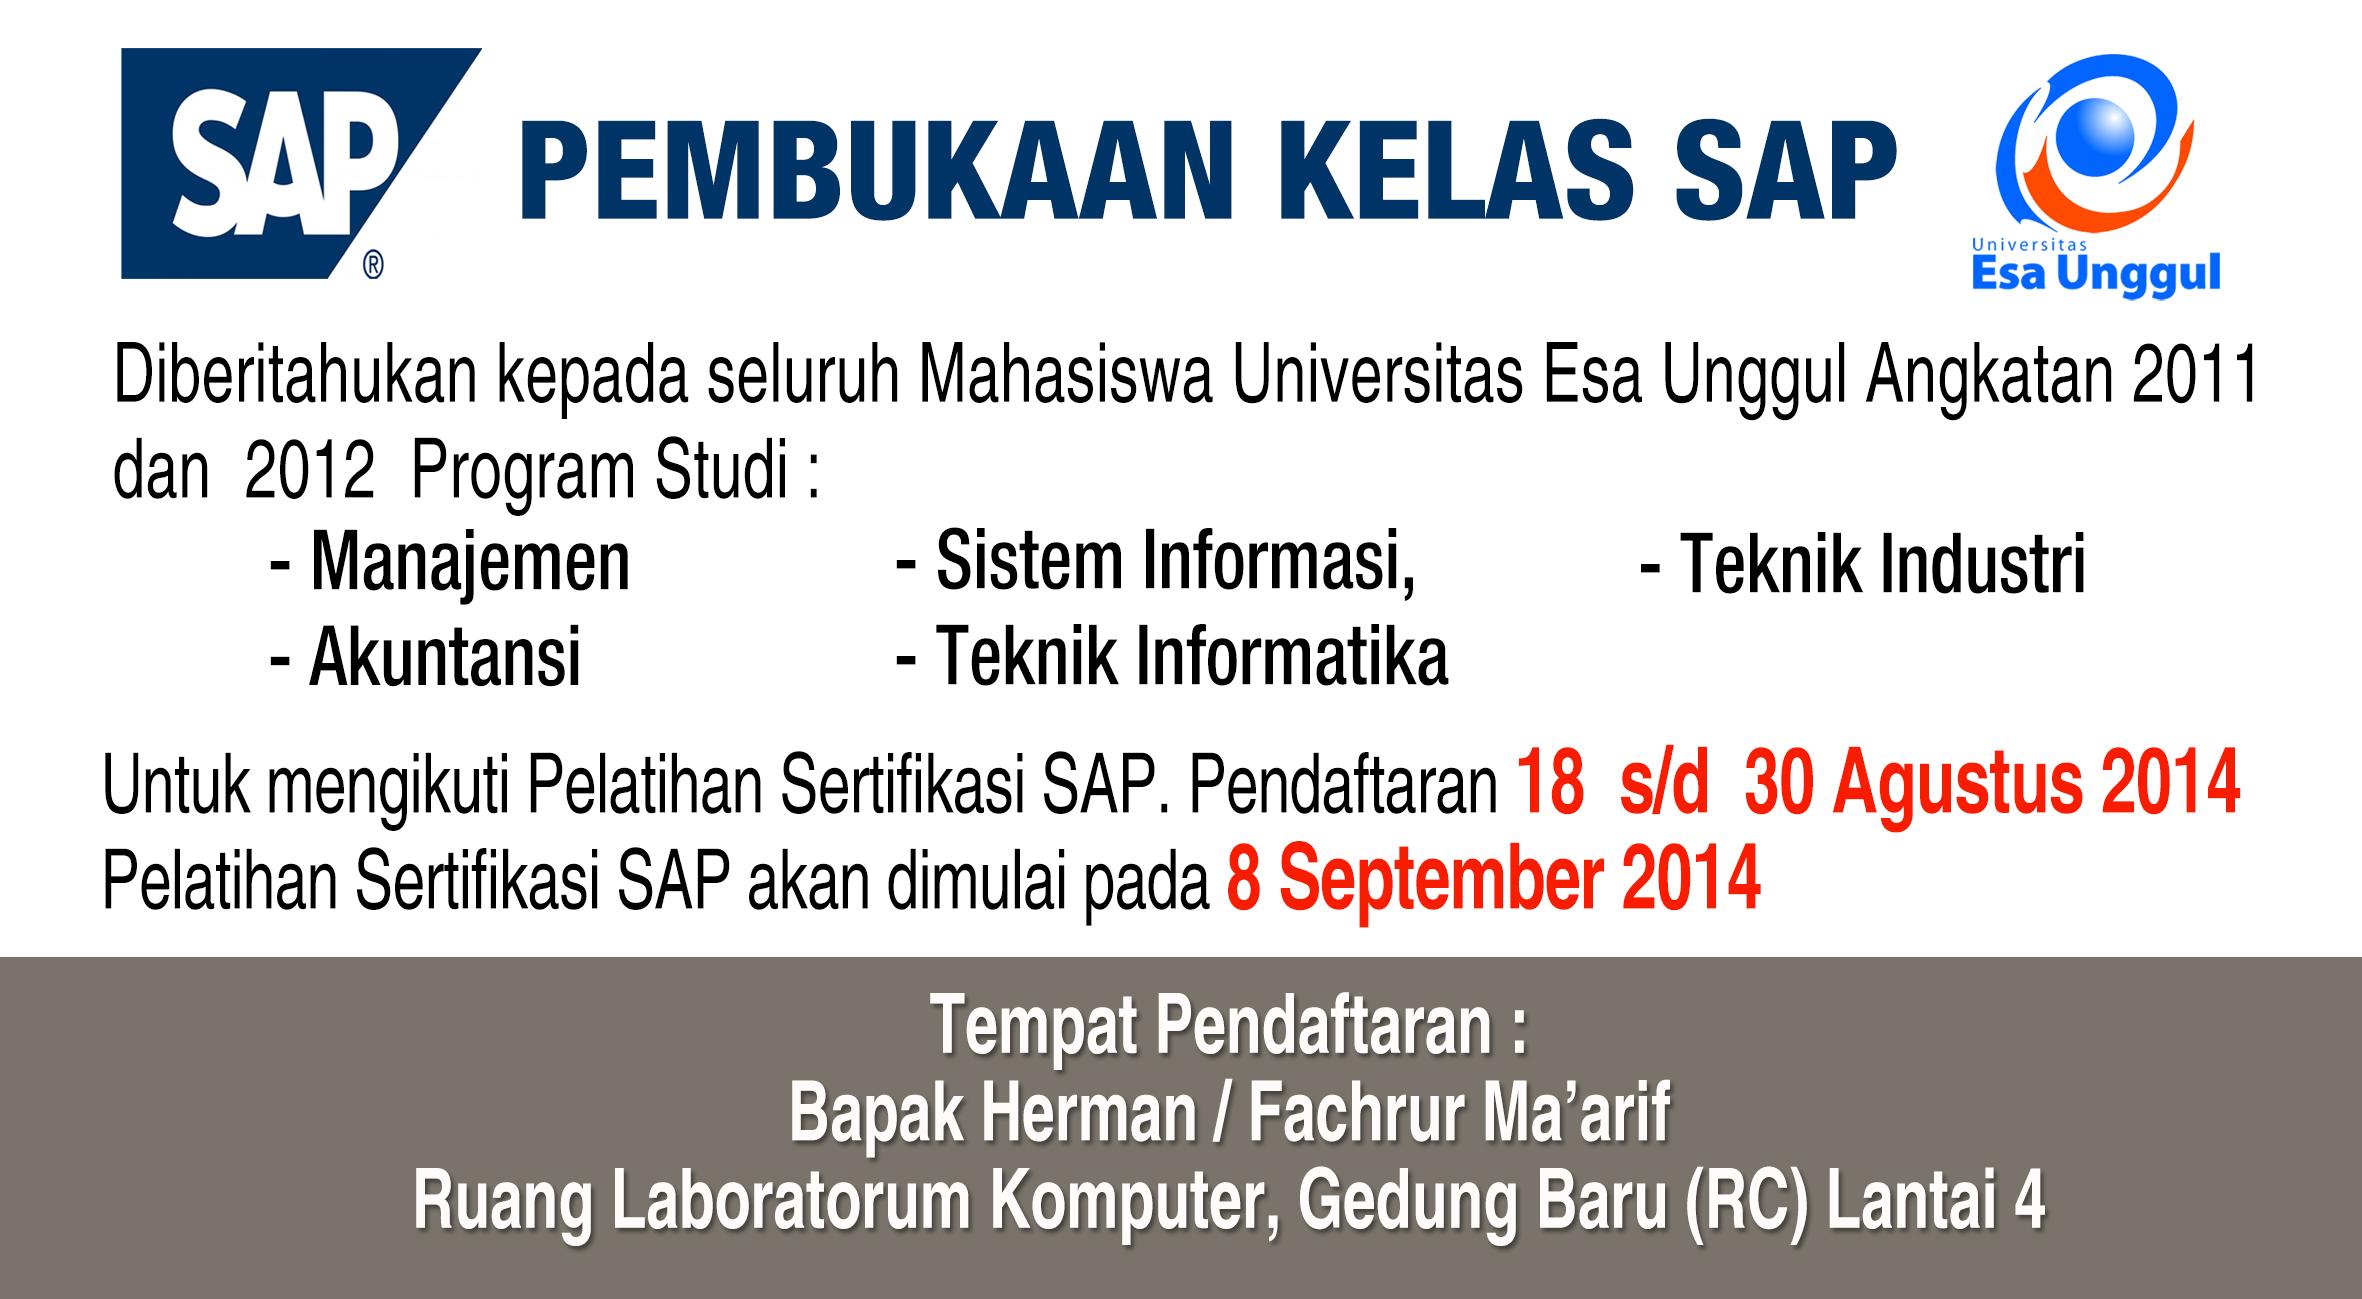 Pelatihan Sertifikasi SAP bagi Mahasiswa Angkatan 2011, 2012 Tahun Akademik 2014/2015